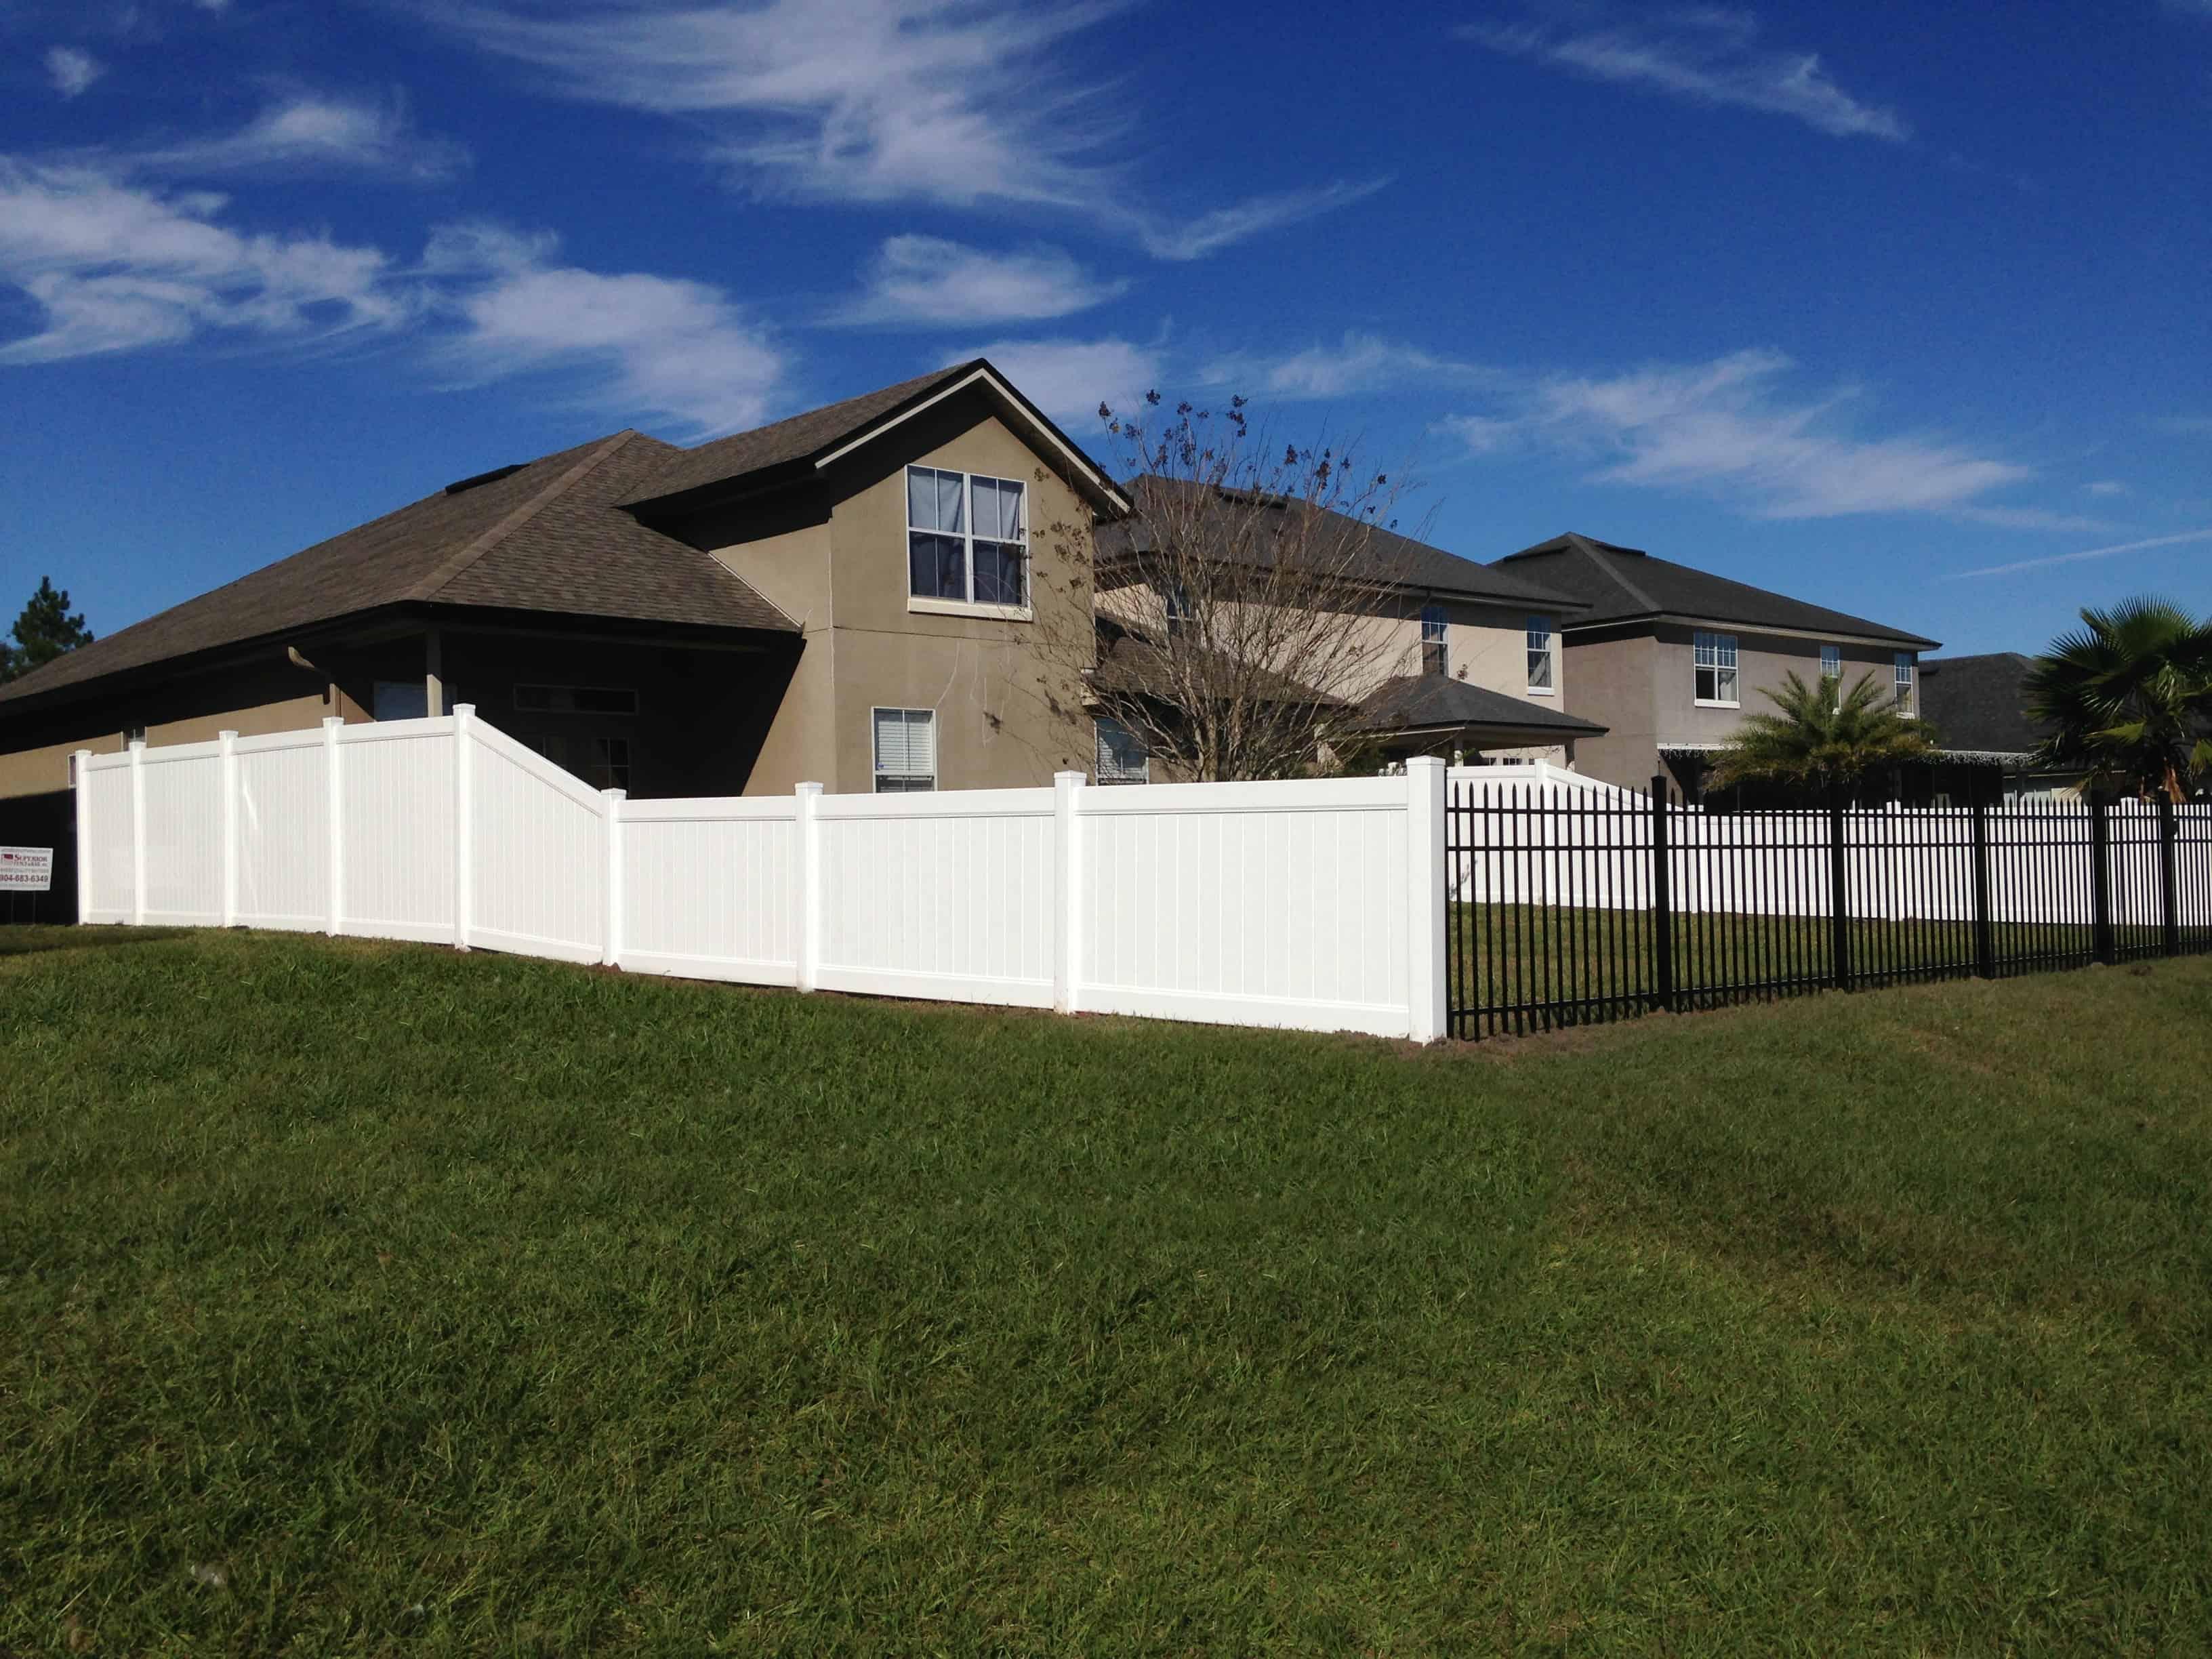 Nashville Fence Company Franchise